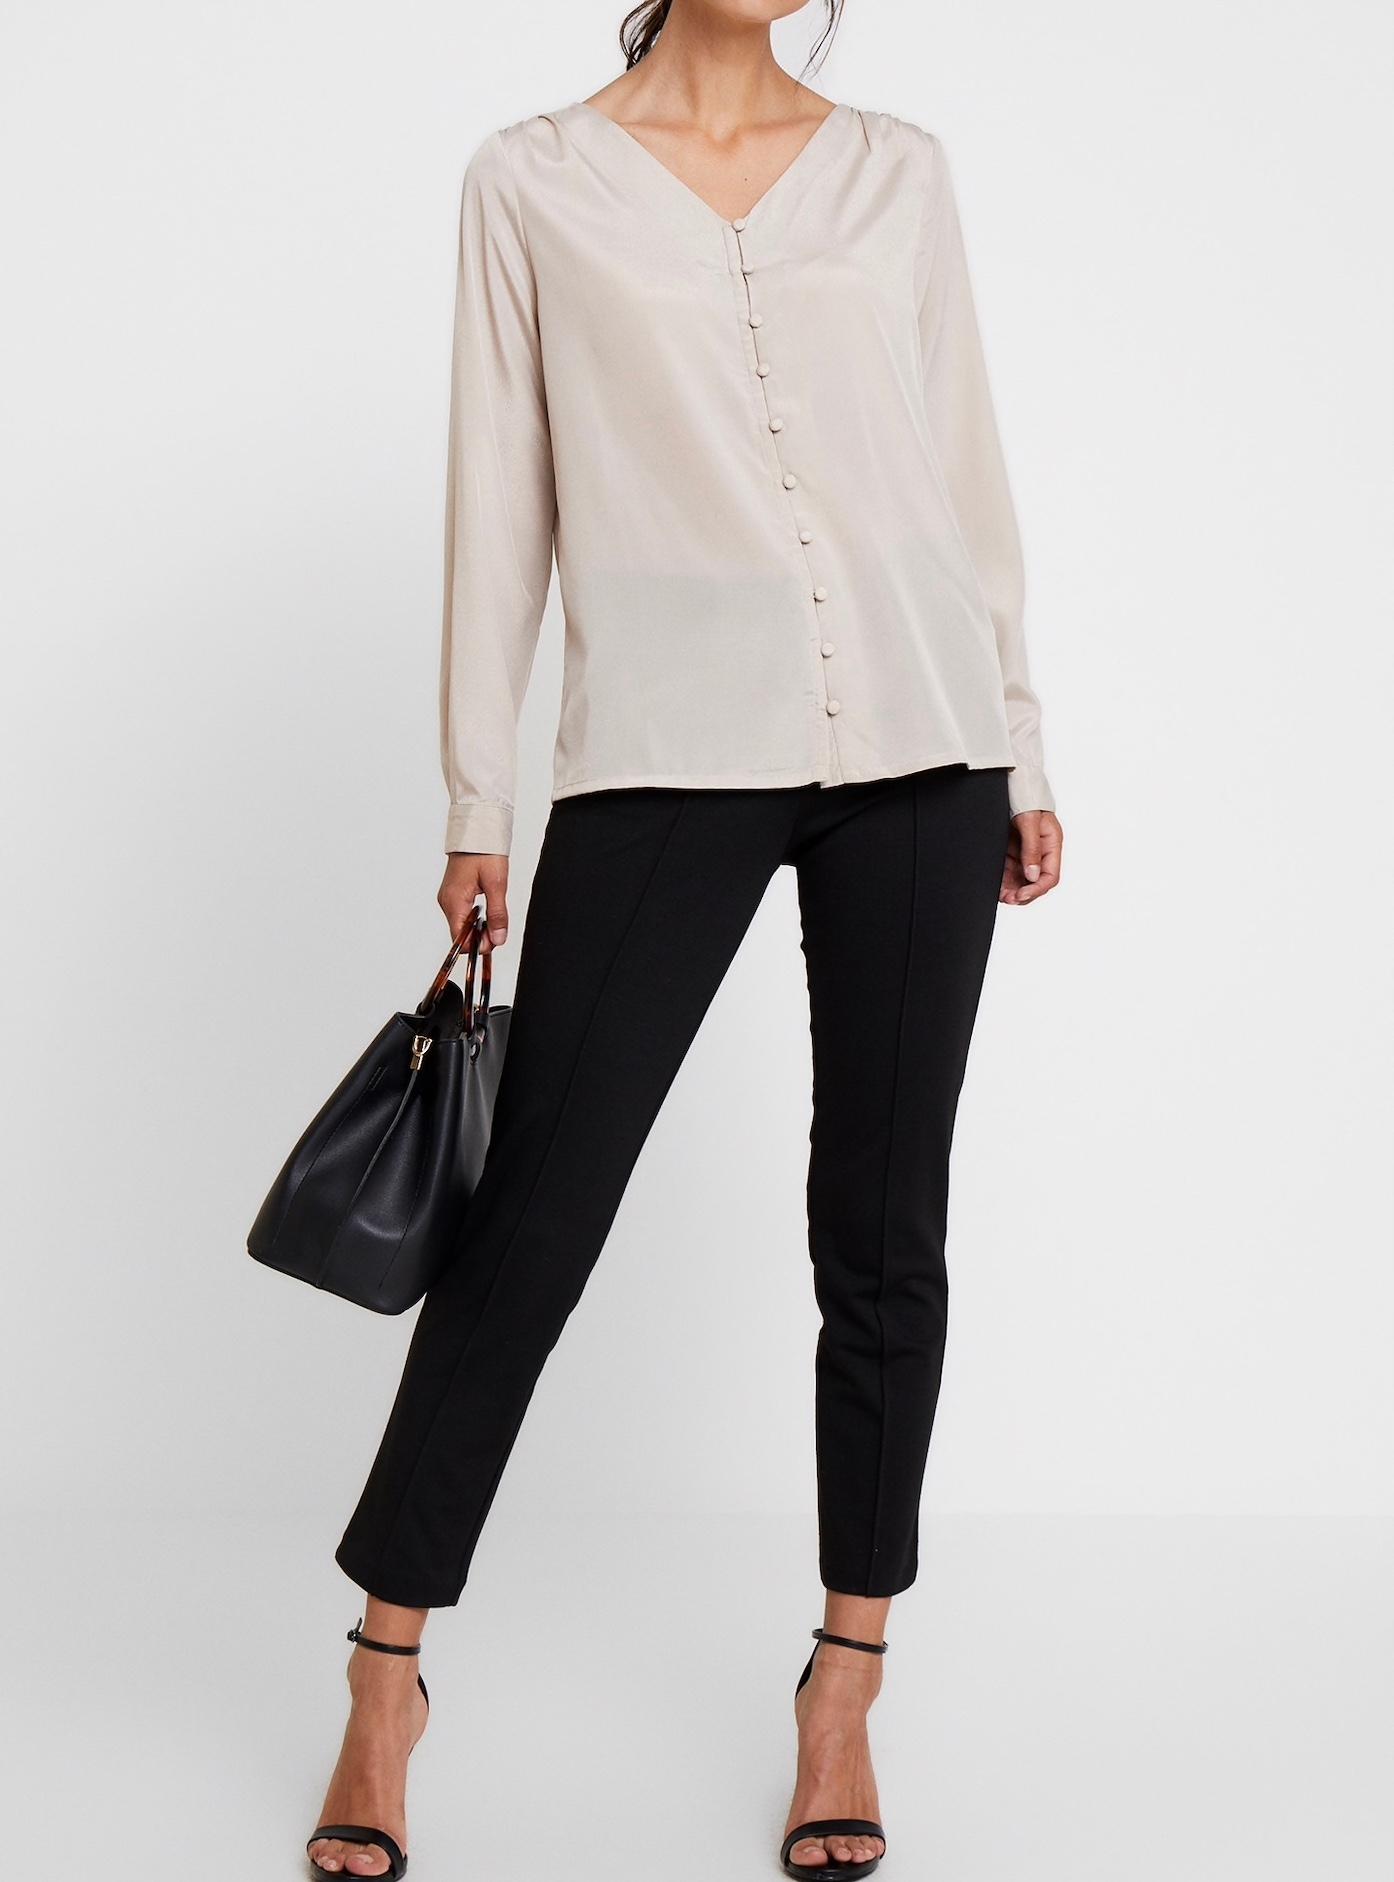 Cream bluzka koszula M 9172509539 Allegro.pl  51QXm